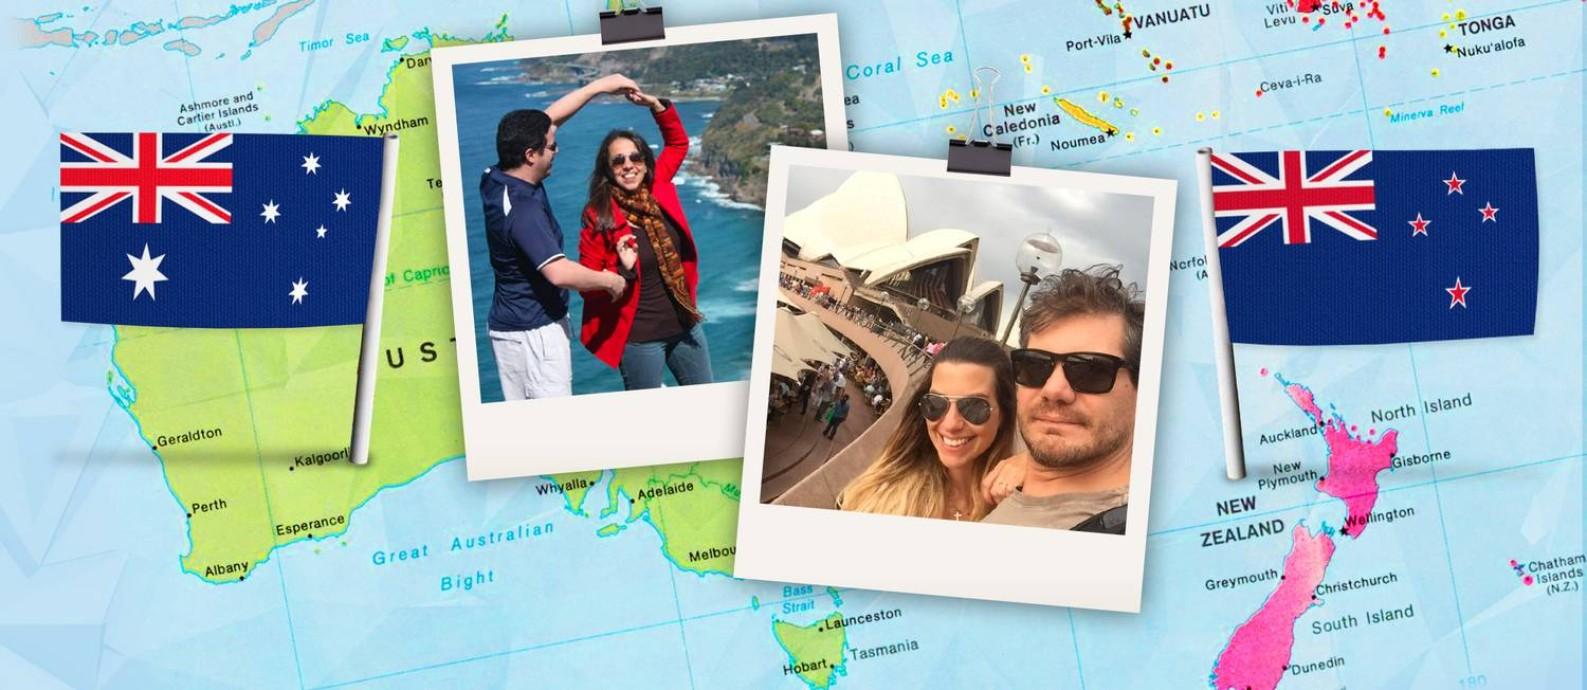 Ricardo Fiot (de blusa azul) e Ademar Victorino com a mulher Candice Zaniol (à direita) Foto: Acervo pessoal